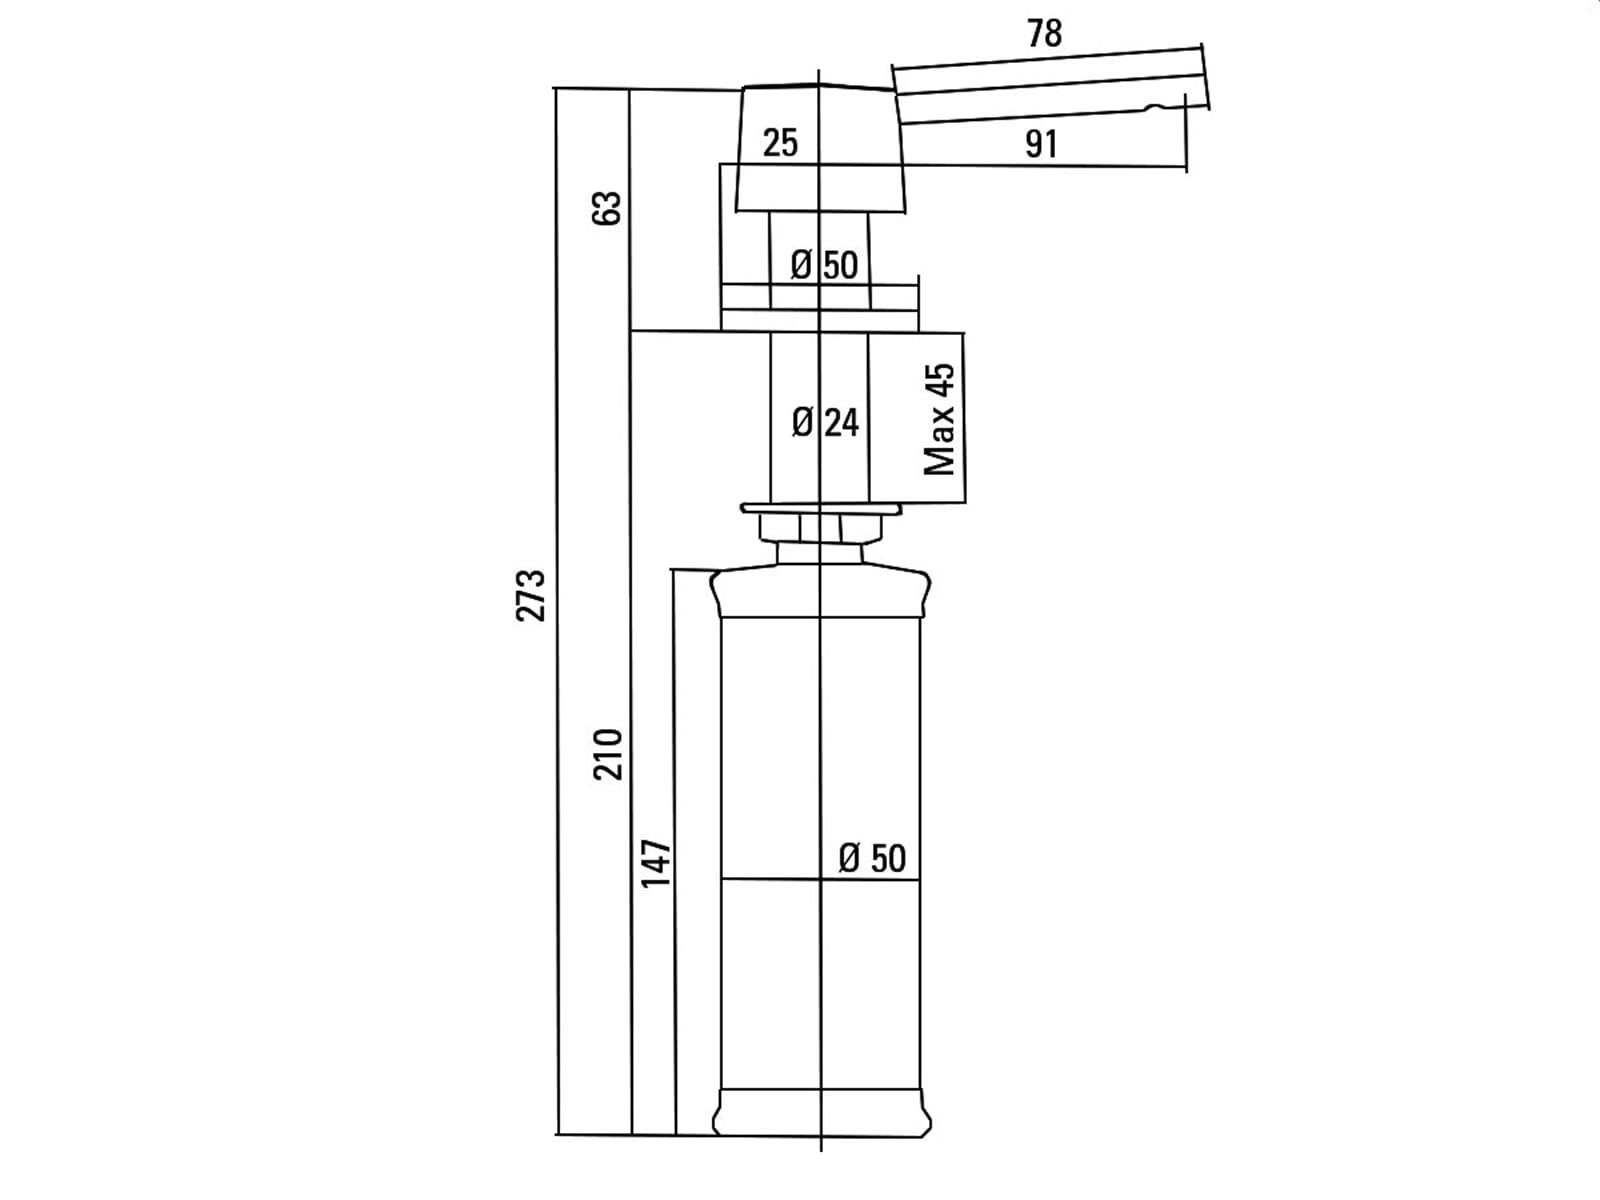 villeroy boch 9236 10 lc edelstahl seifenspender. Black Bedroom Furniture Sets. Home Design Ideas